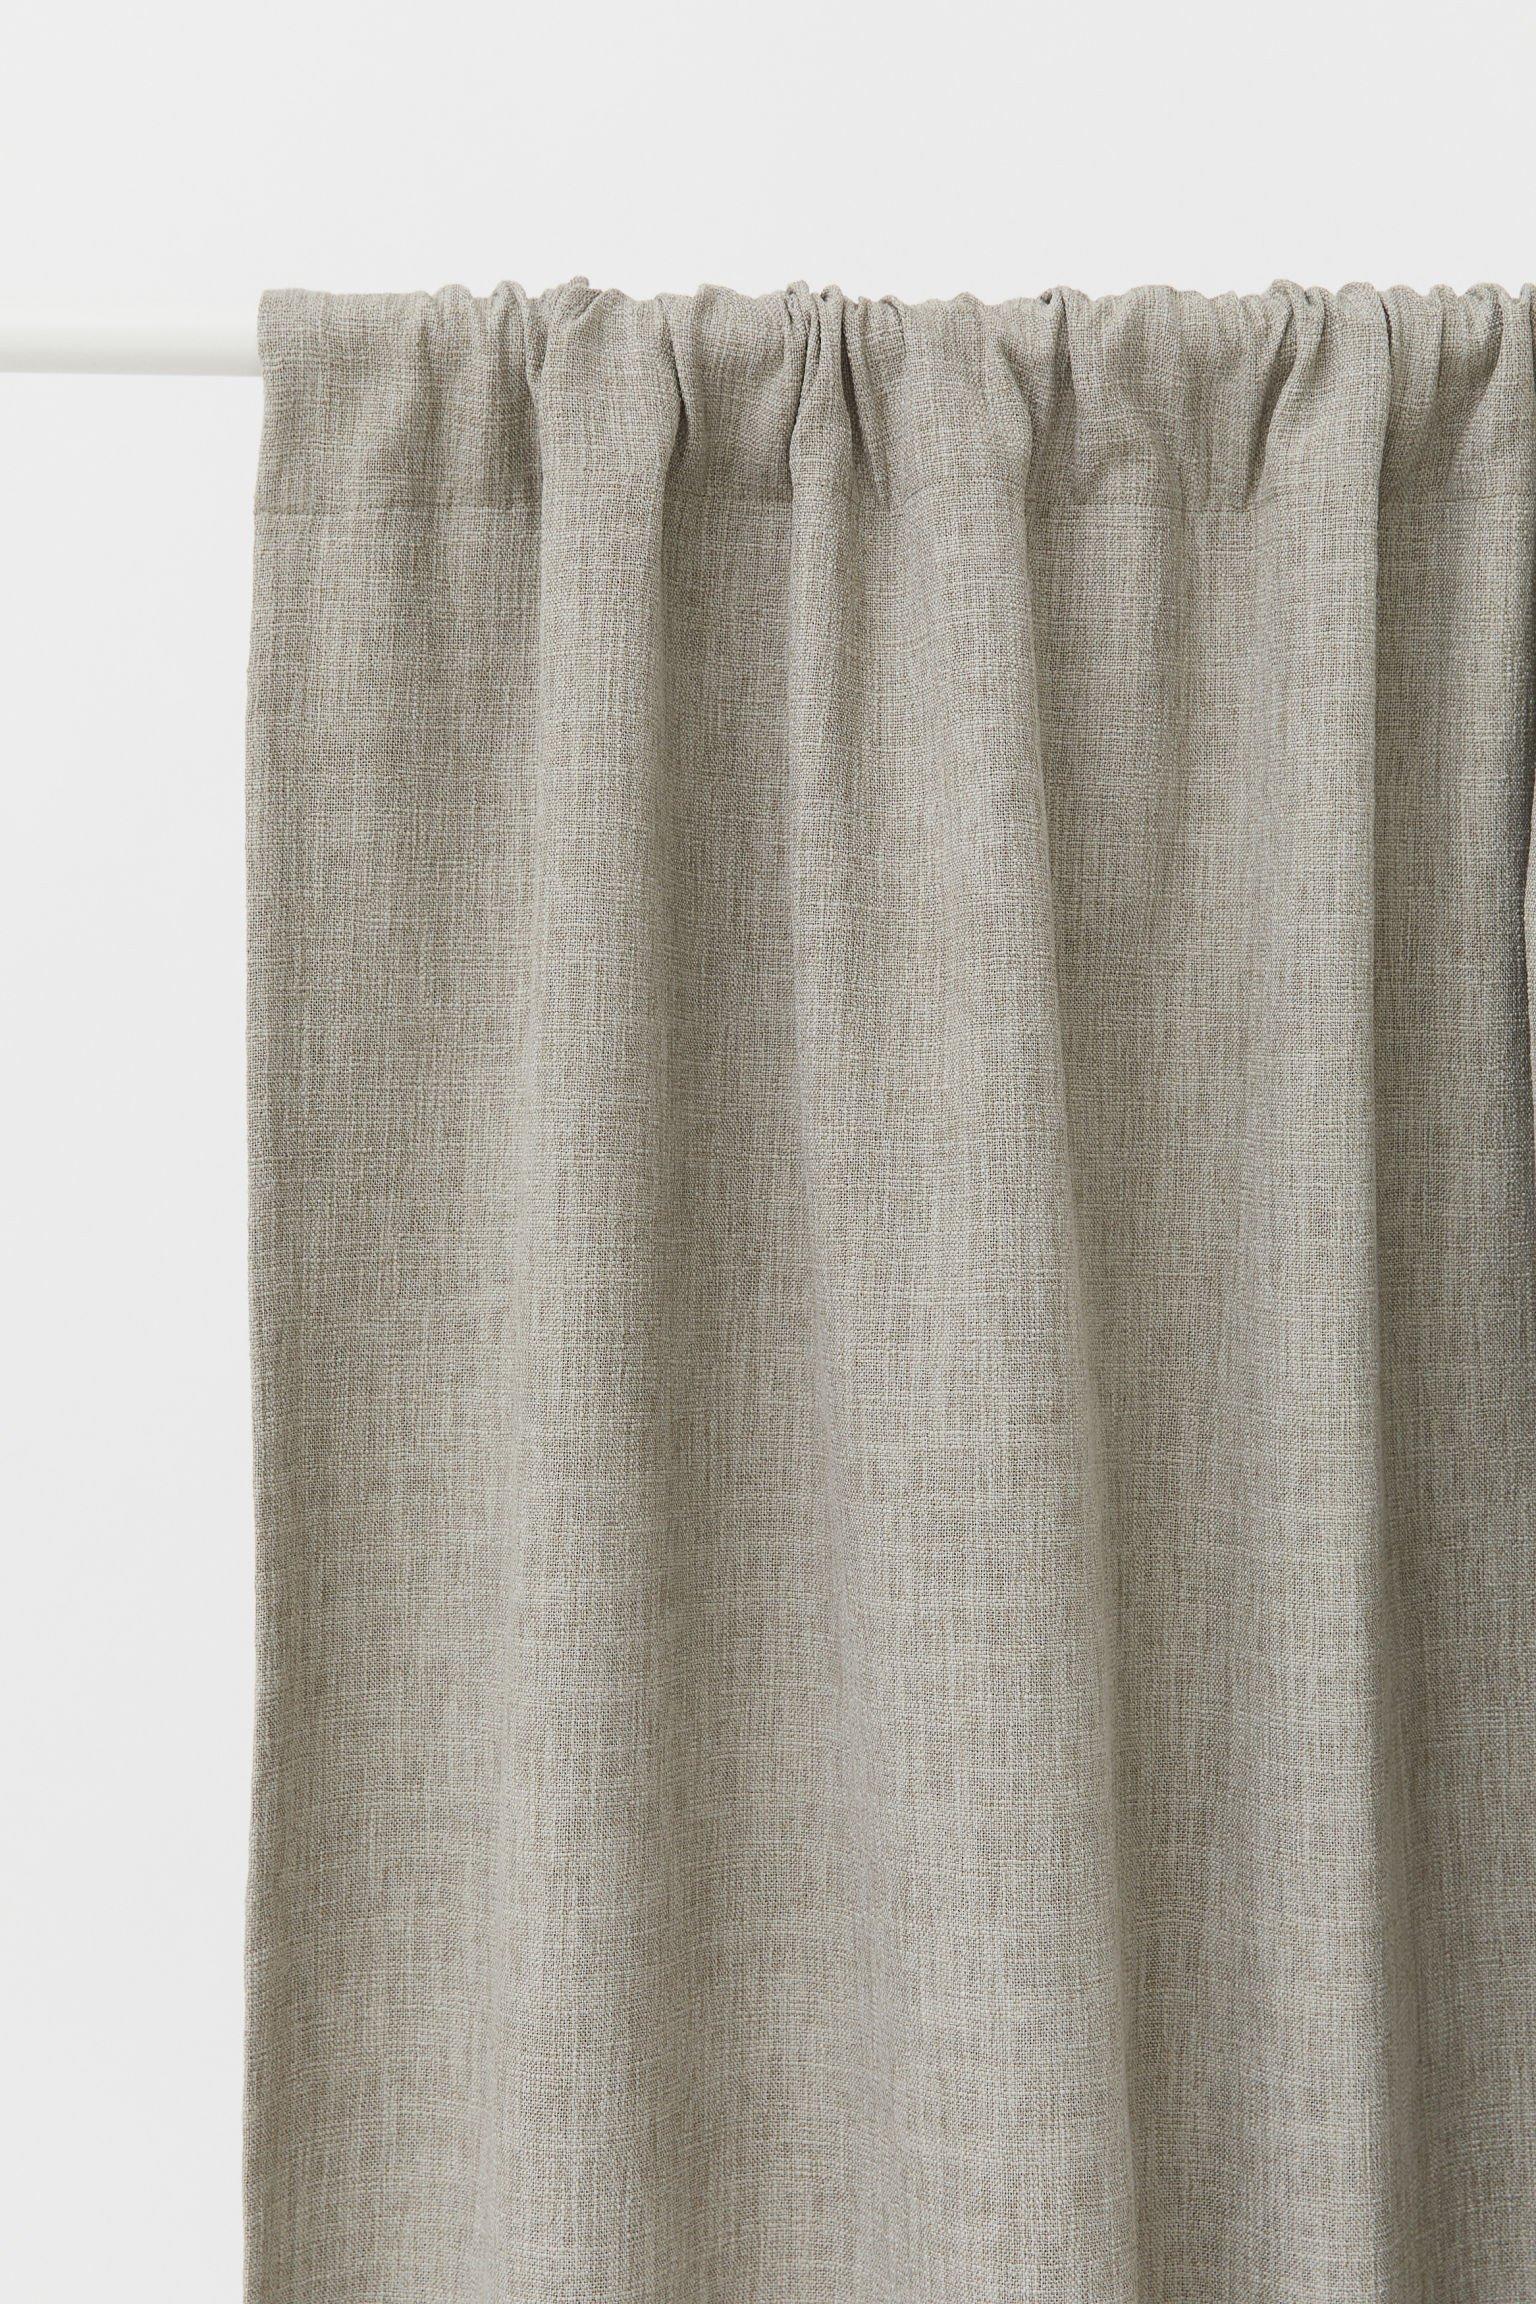 Blackout Drapes for Bedroom Elegant 2 Pack Blackout Curtains